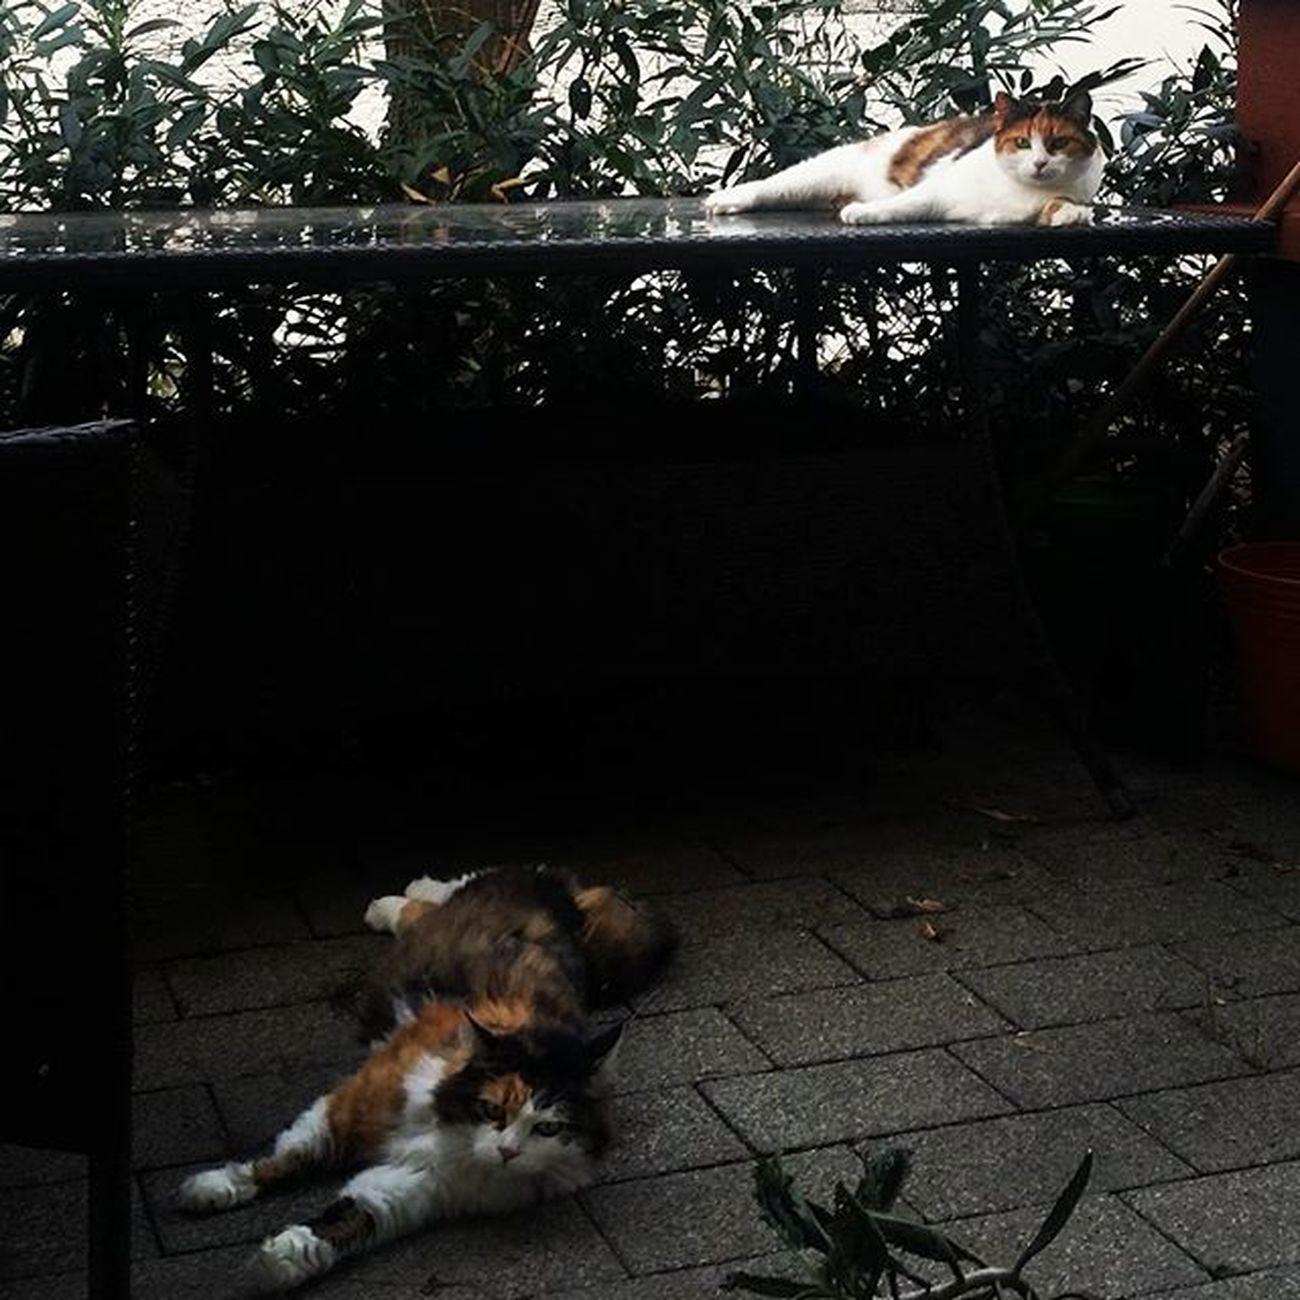 Hundstage für lasche Katzen. Kann man einfach unter den Arm klemmen und wegtragen,die Beiden. Schlaffekatzen Weggechillt Platt Plumps Katzen Cats Catsofinstagram